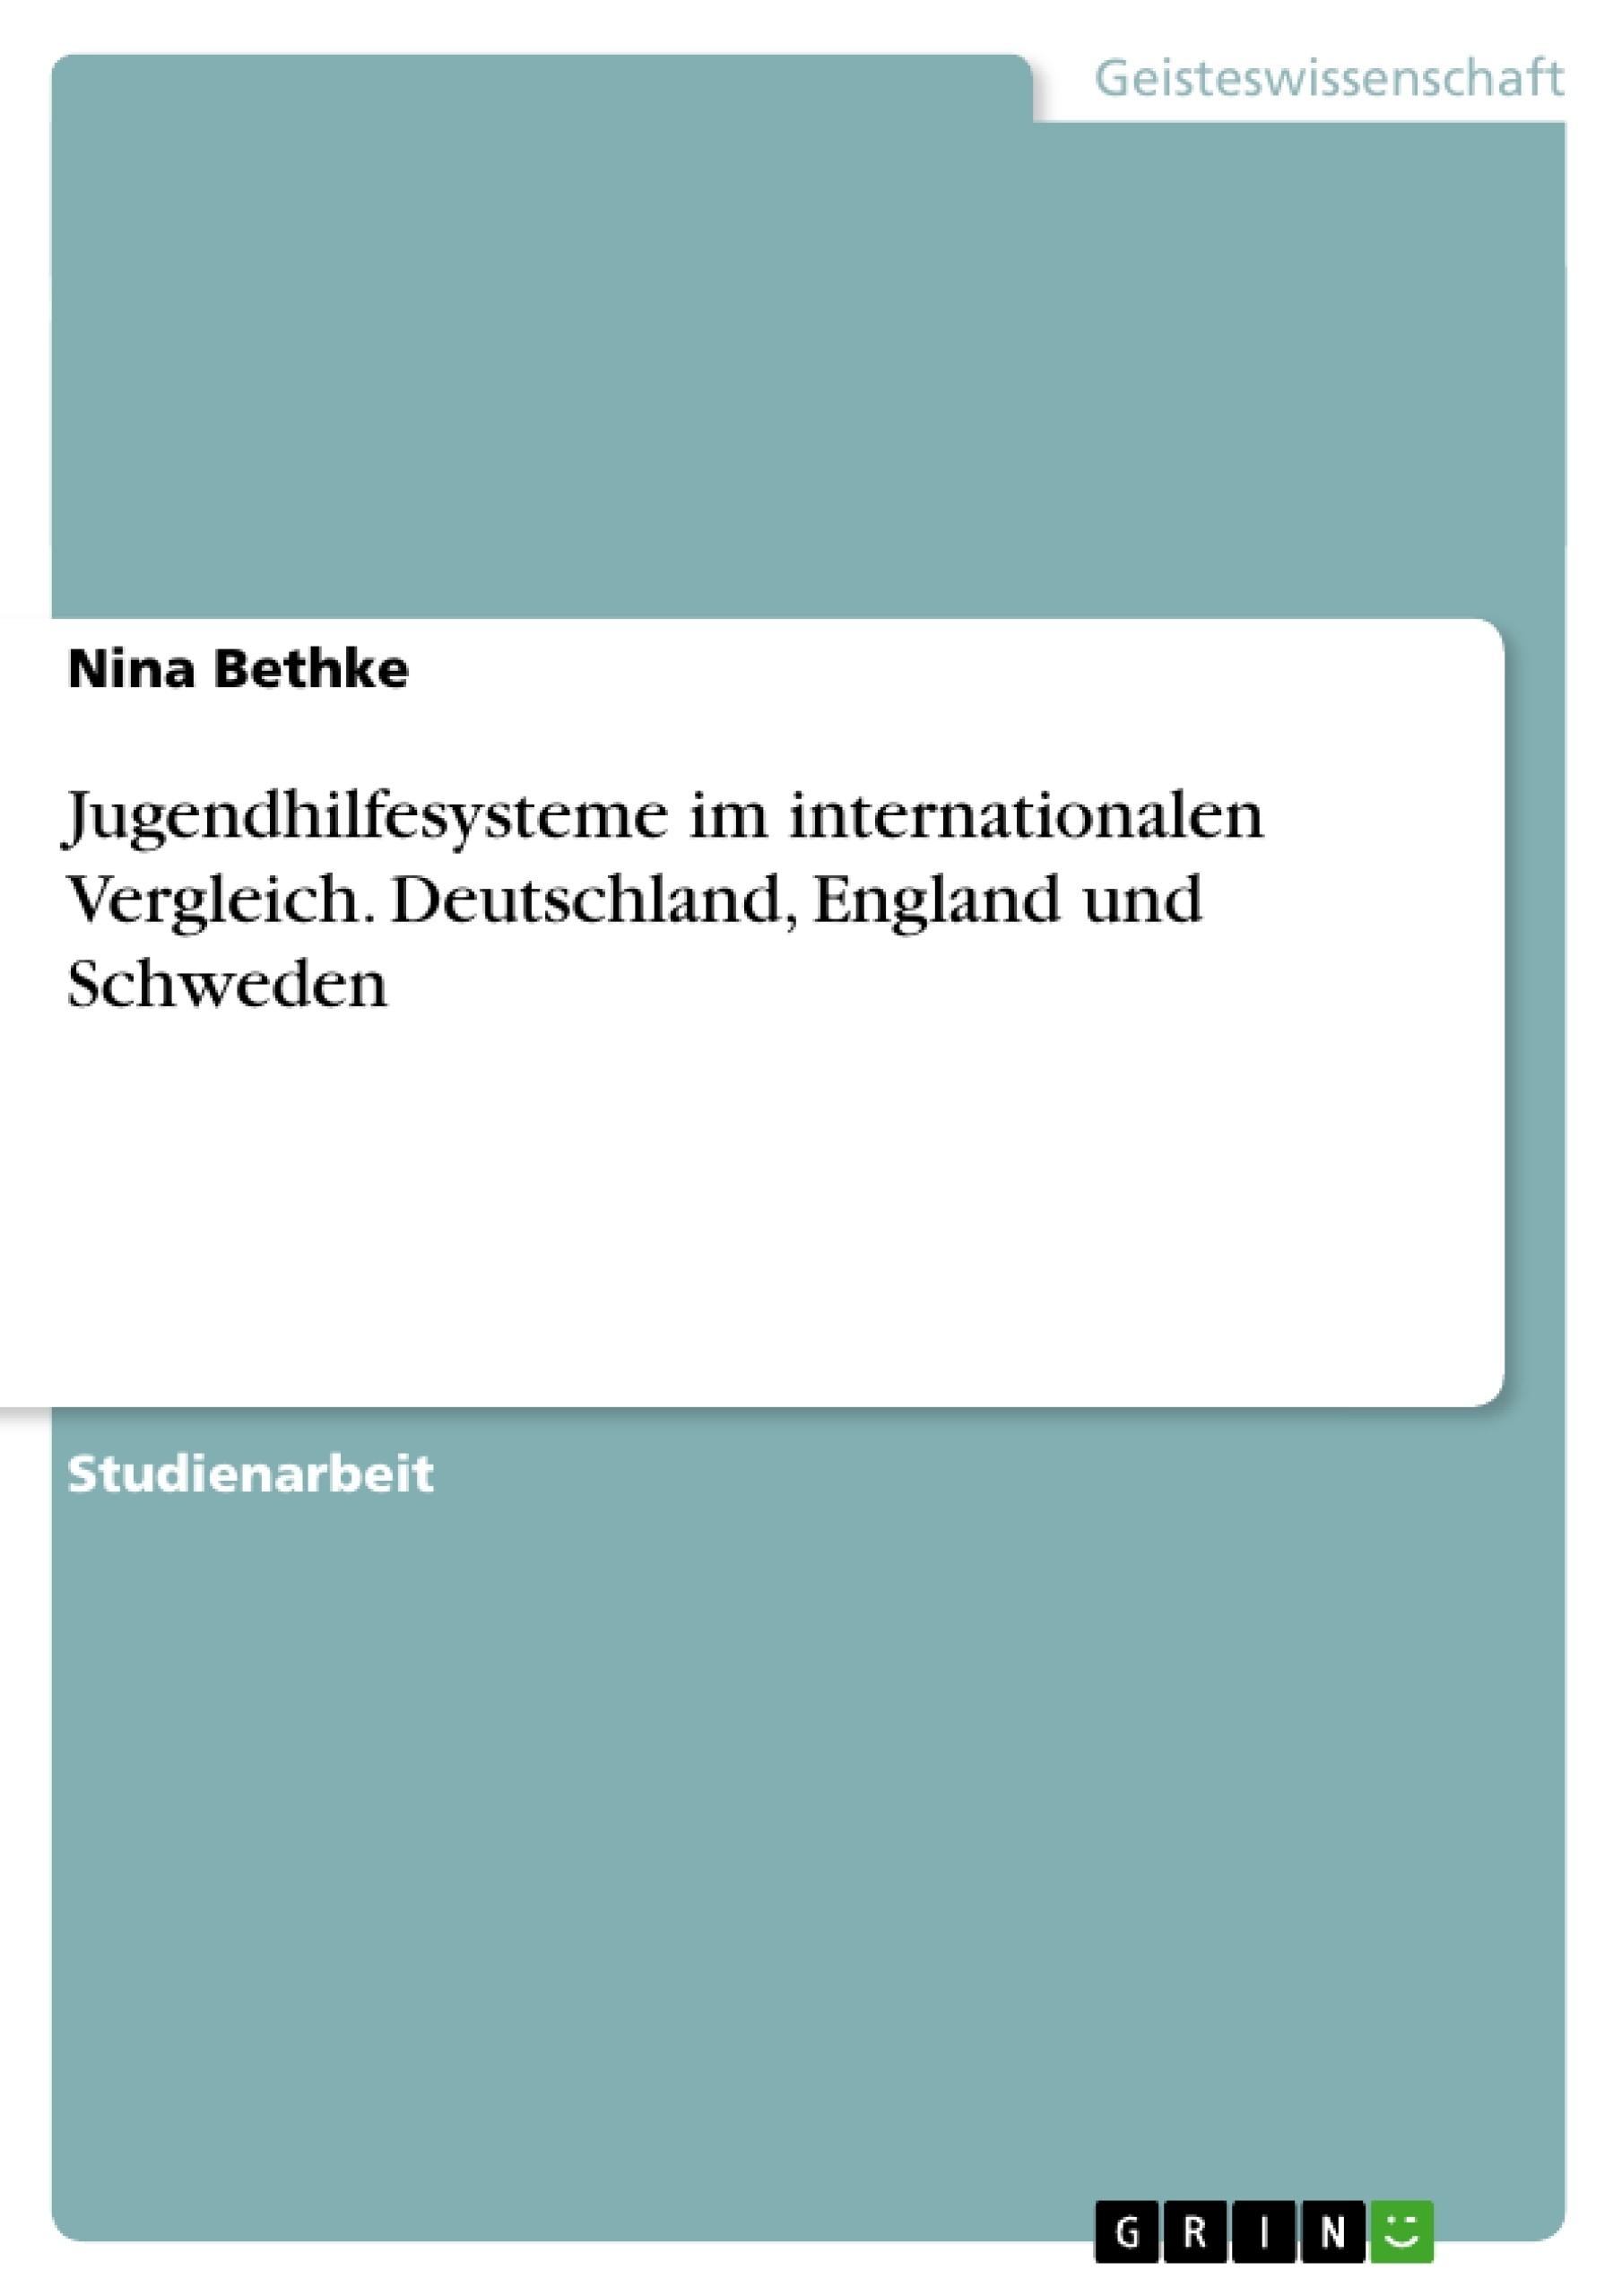 Titel: Jugendhilfesysteme im internationalen Vergleich. Deutschland, England und Schweden